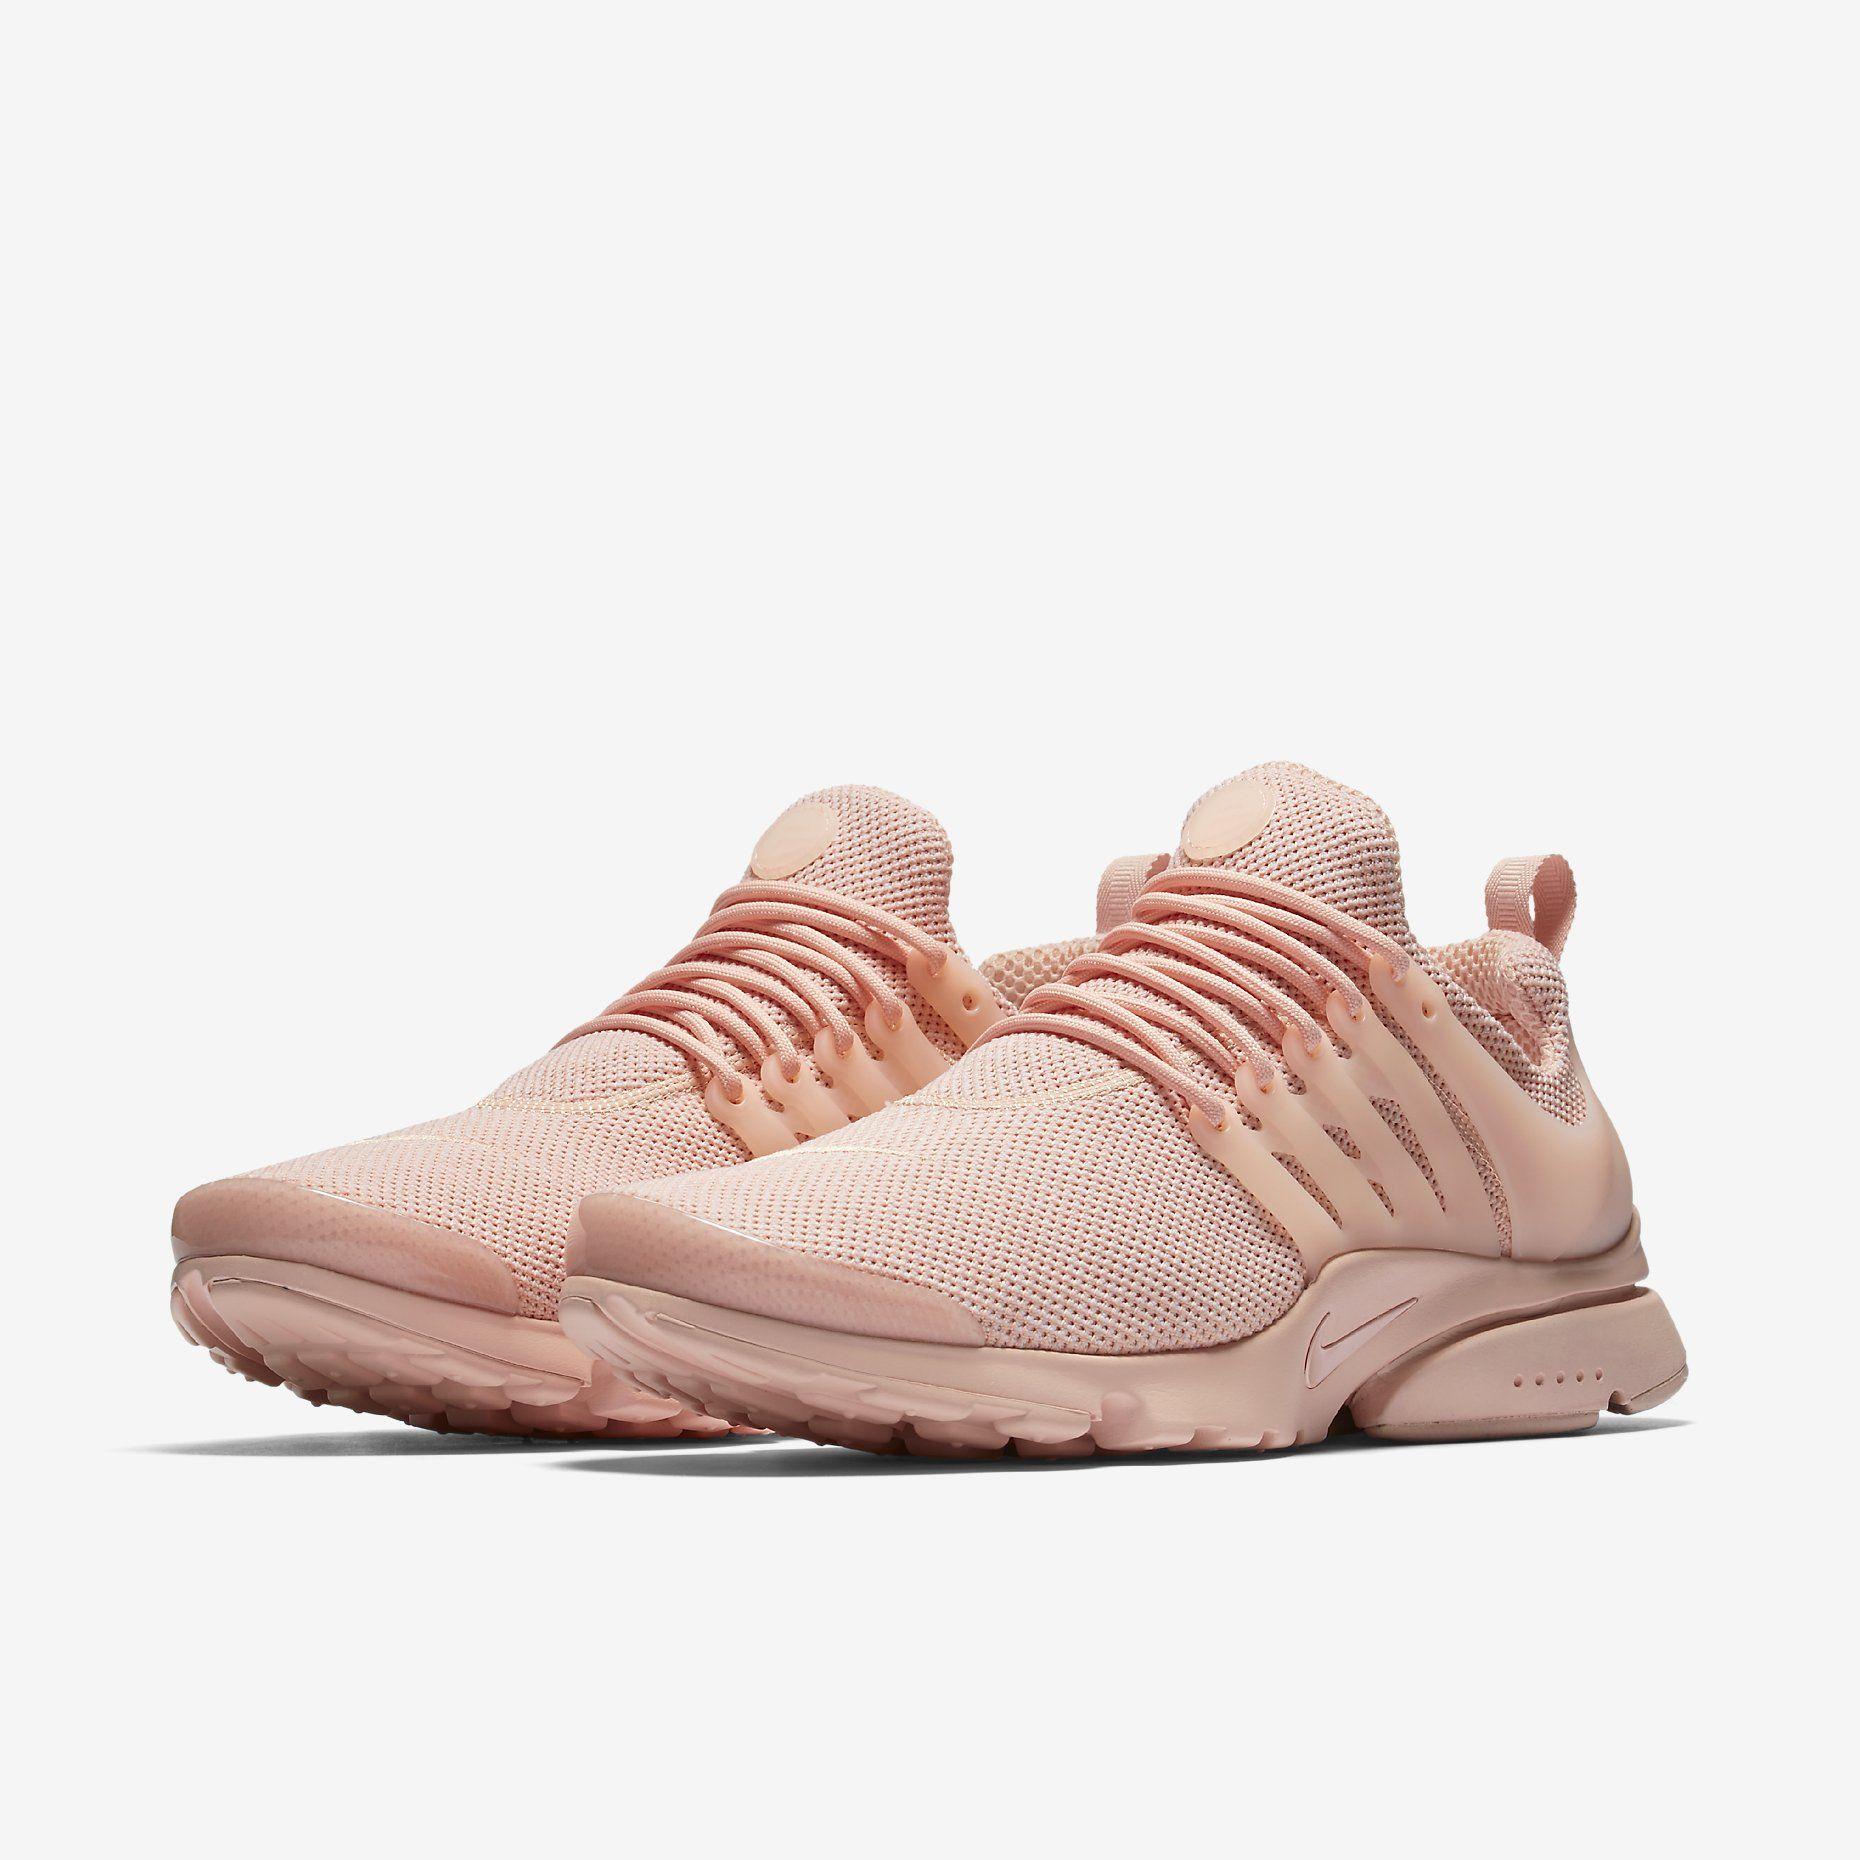 Arctic Svpply Ultra Orange Pinterest Air In Presto Nike Breathe wq0XOxP